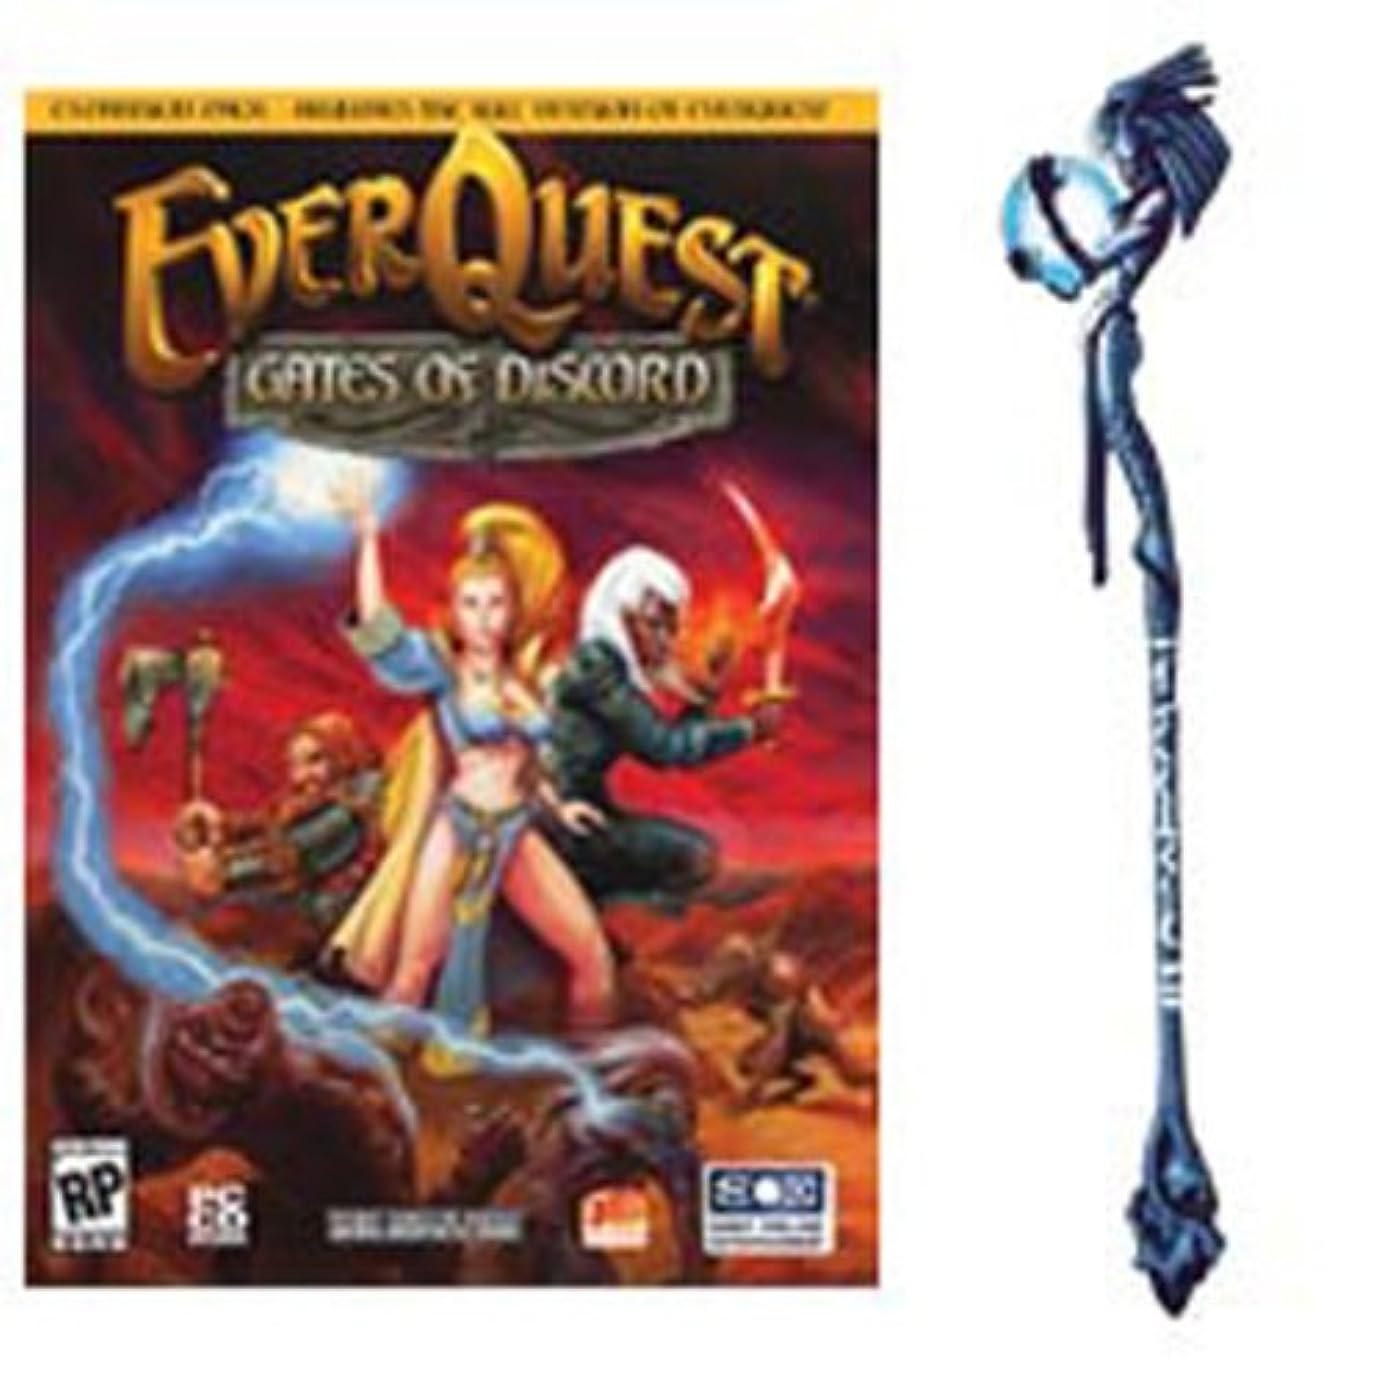 絡まるレルム地下室Everquest: Gates of Discord Expansion Pack (輸入版)